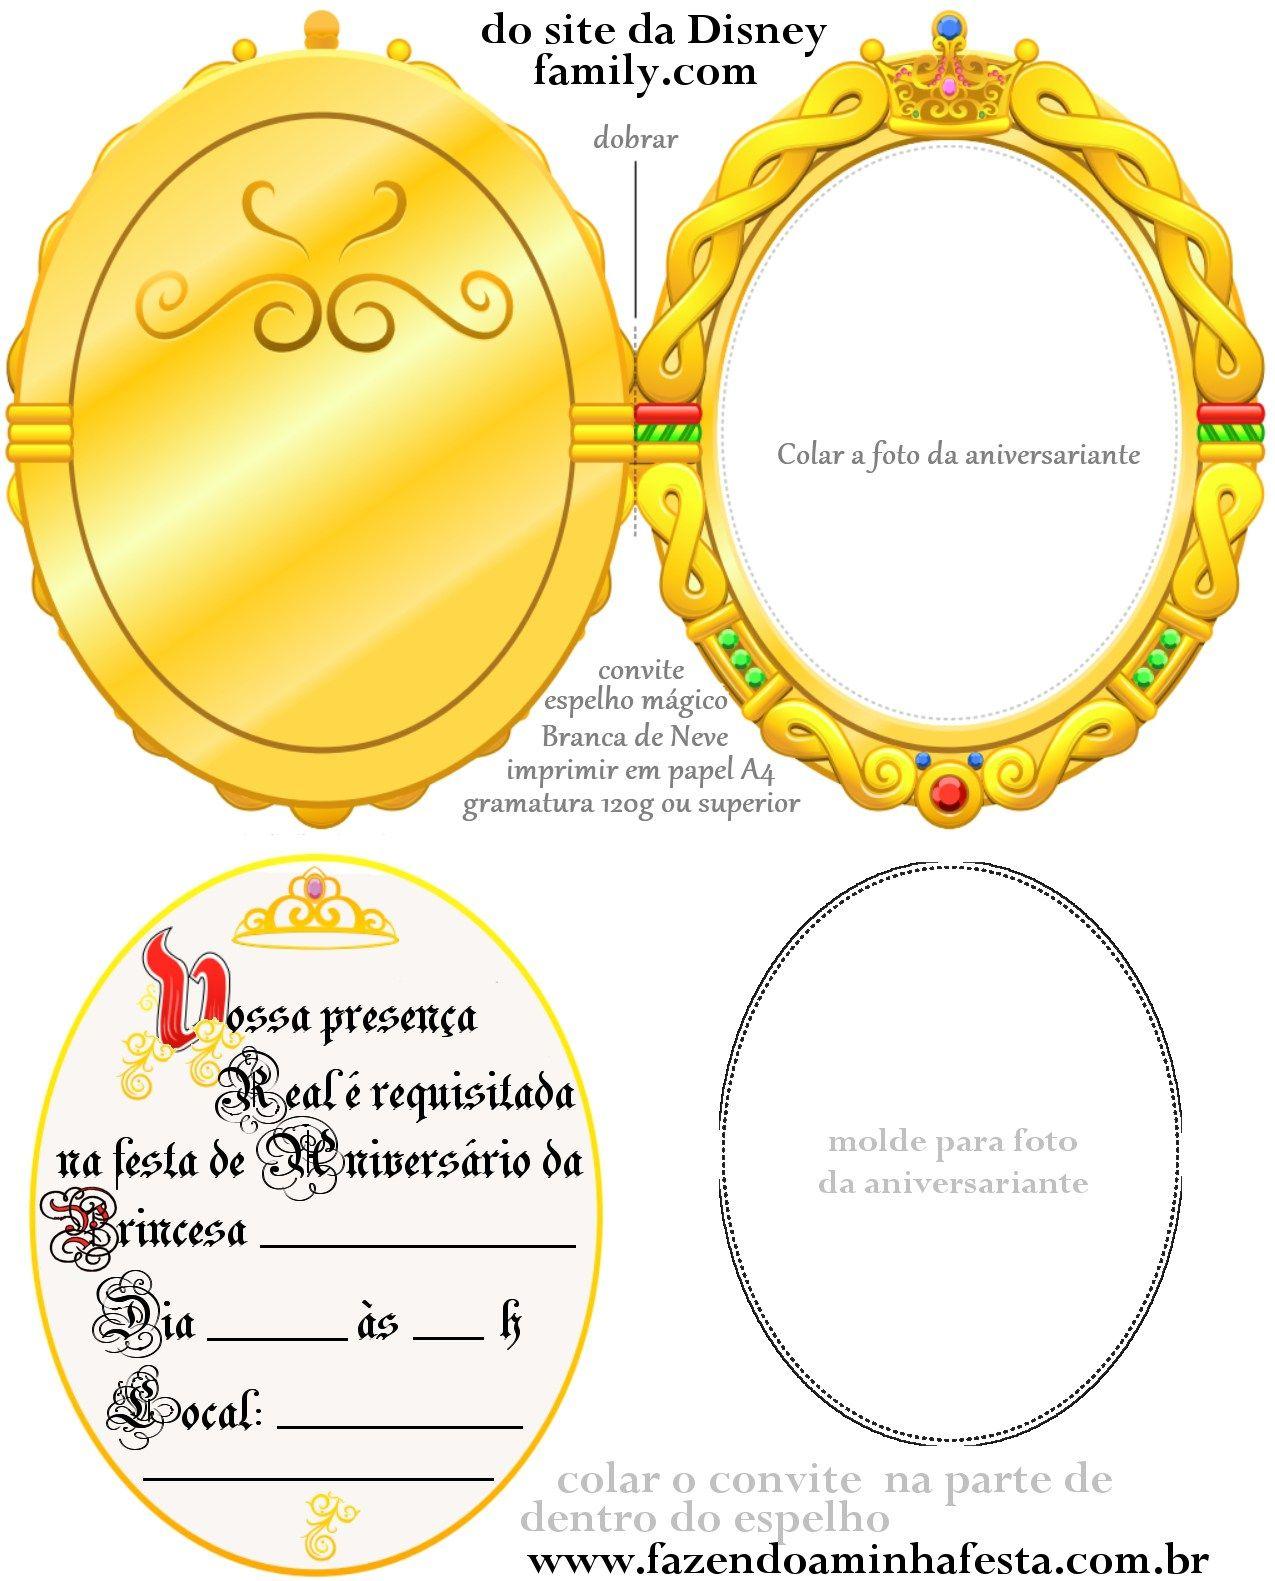 Convite Espelho Magico Branca De Neve Com Imagens Branca De